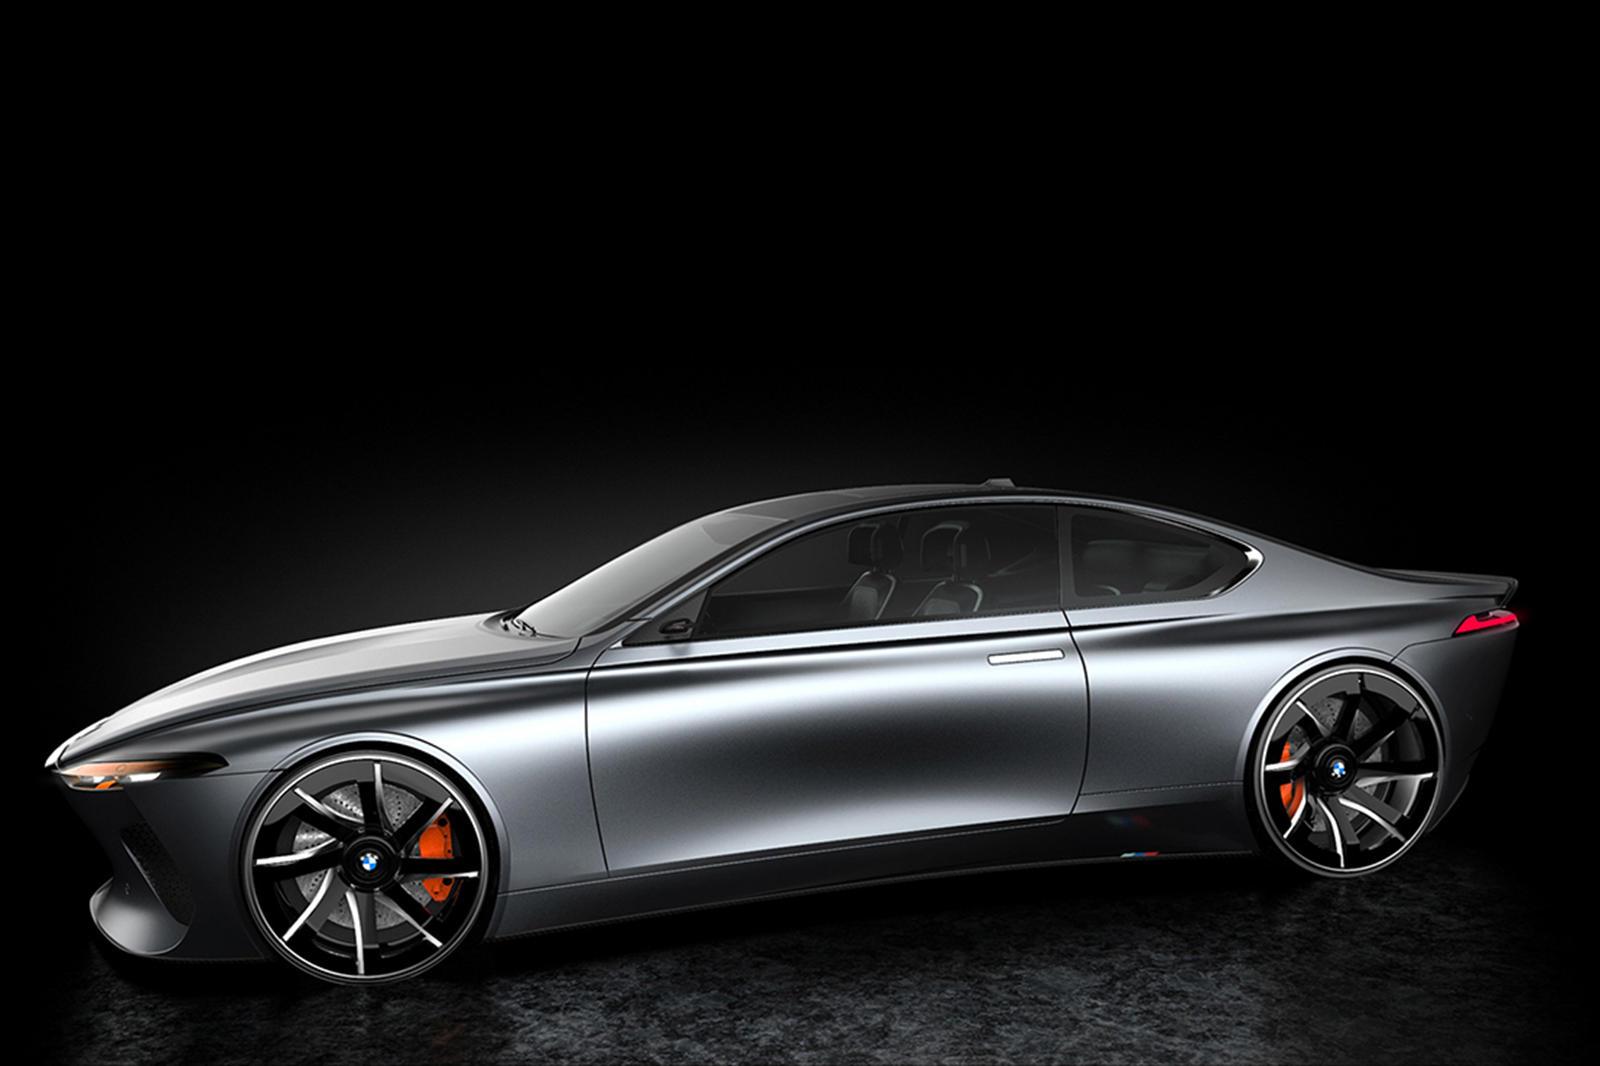 BMW 6 Series rendering